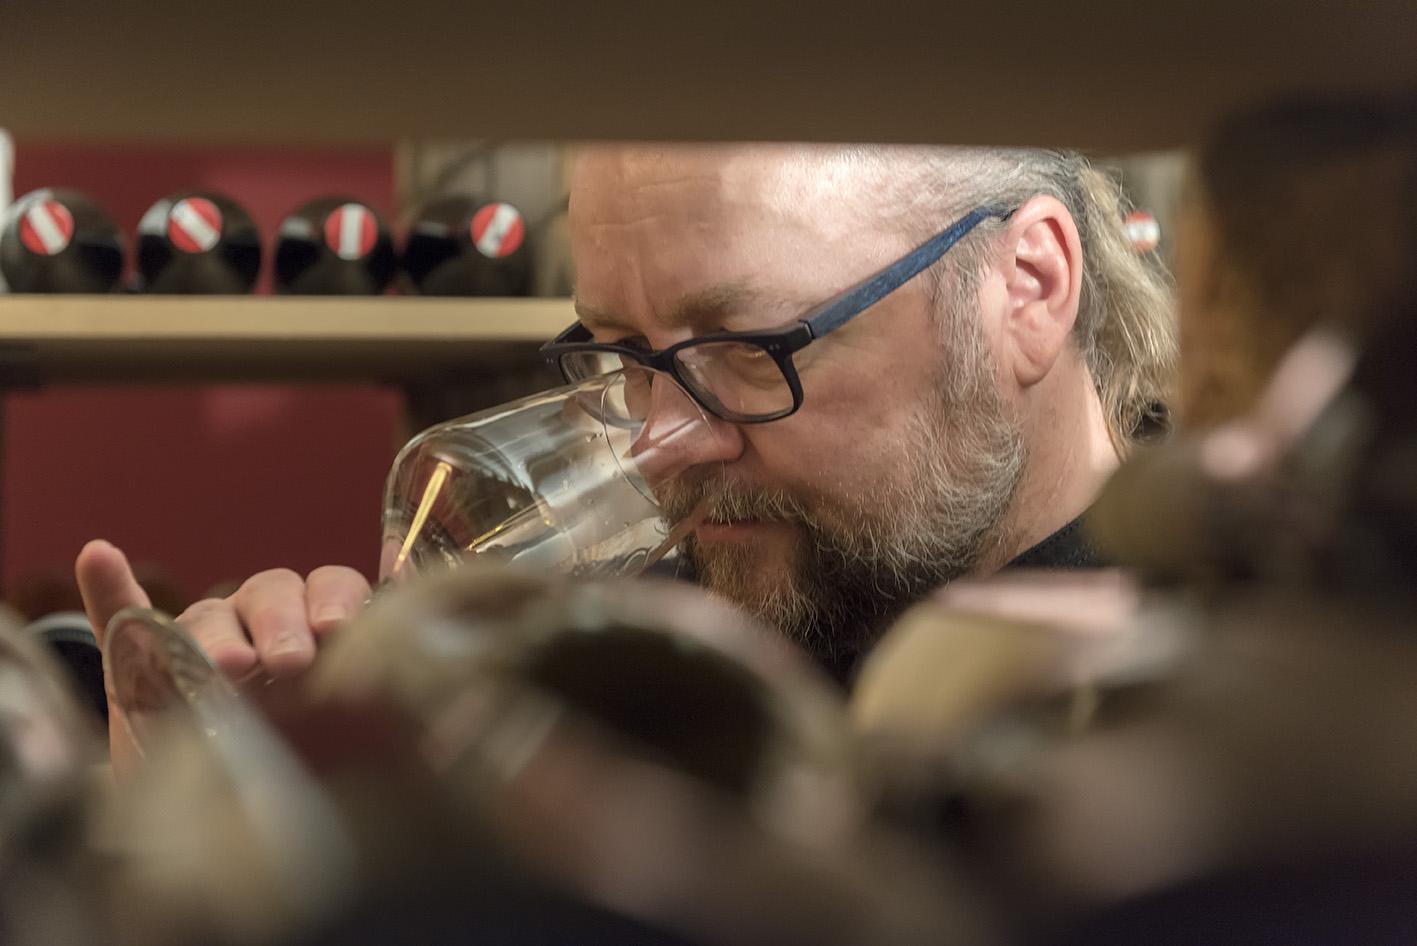 mann trinkt am weinglas weinkeller waldschlösschen